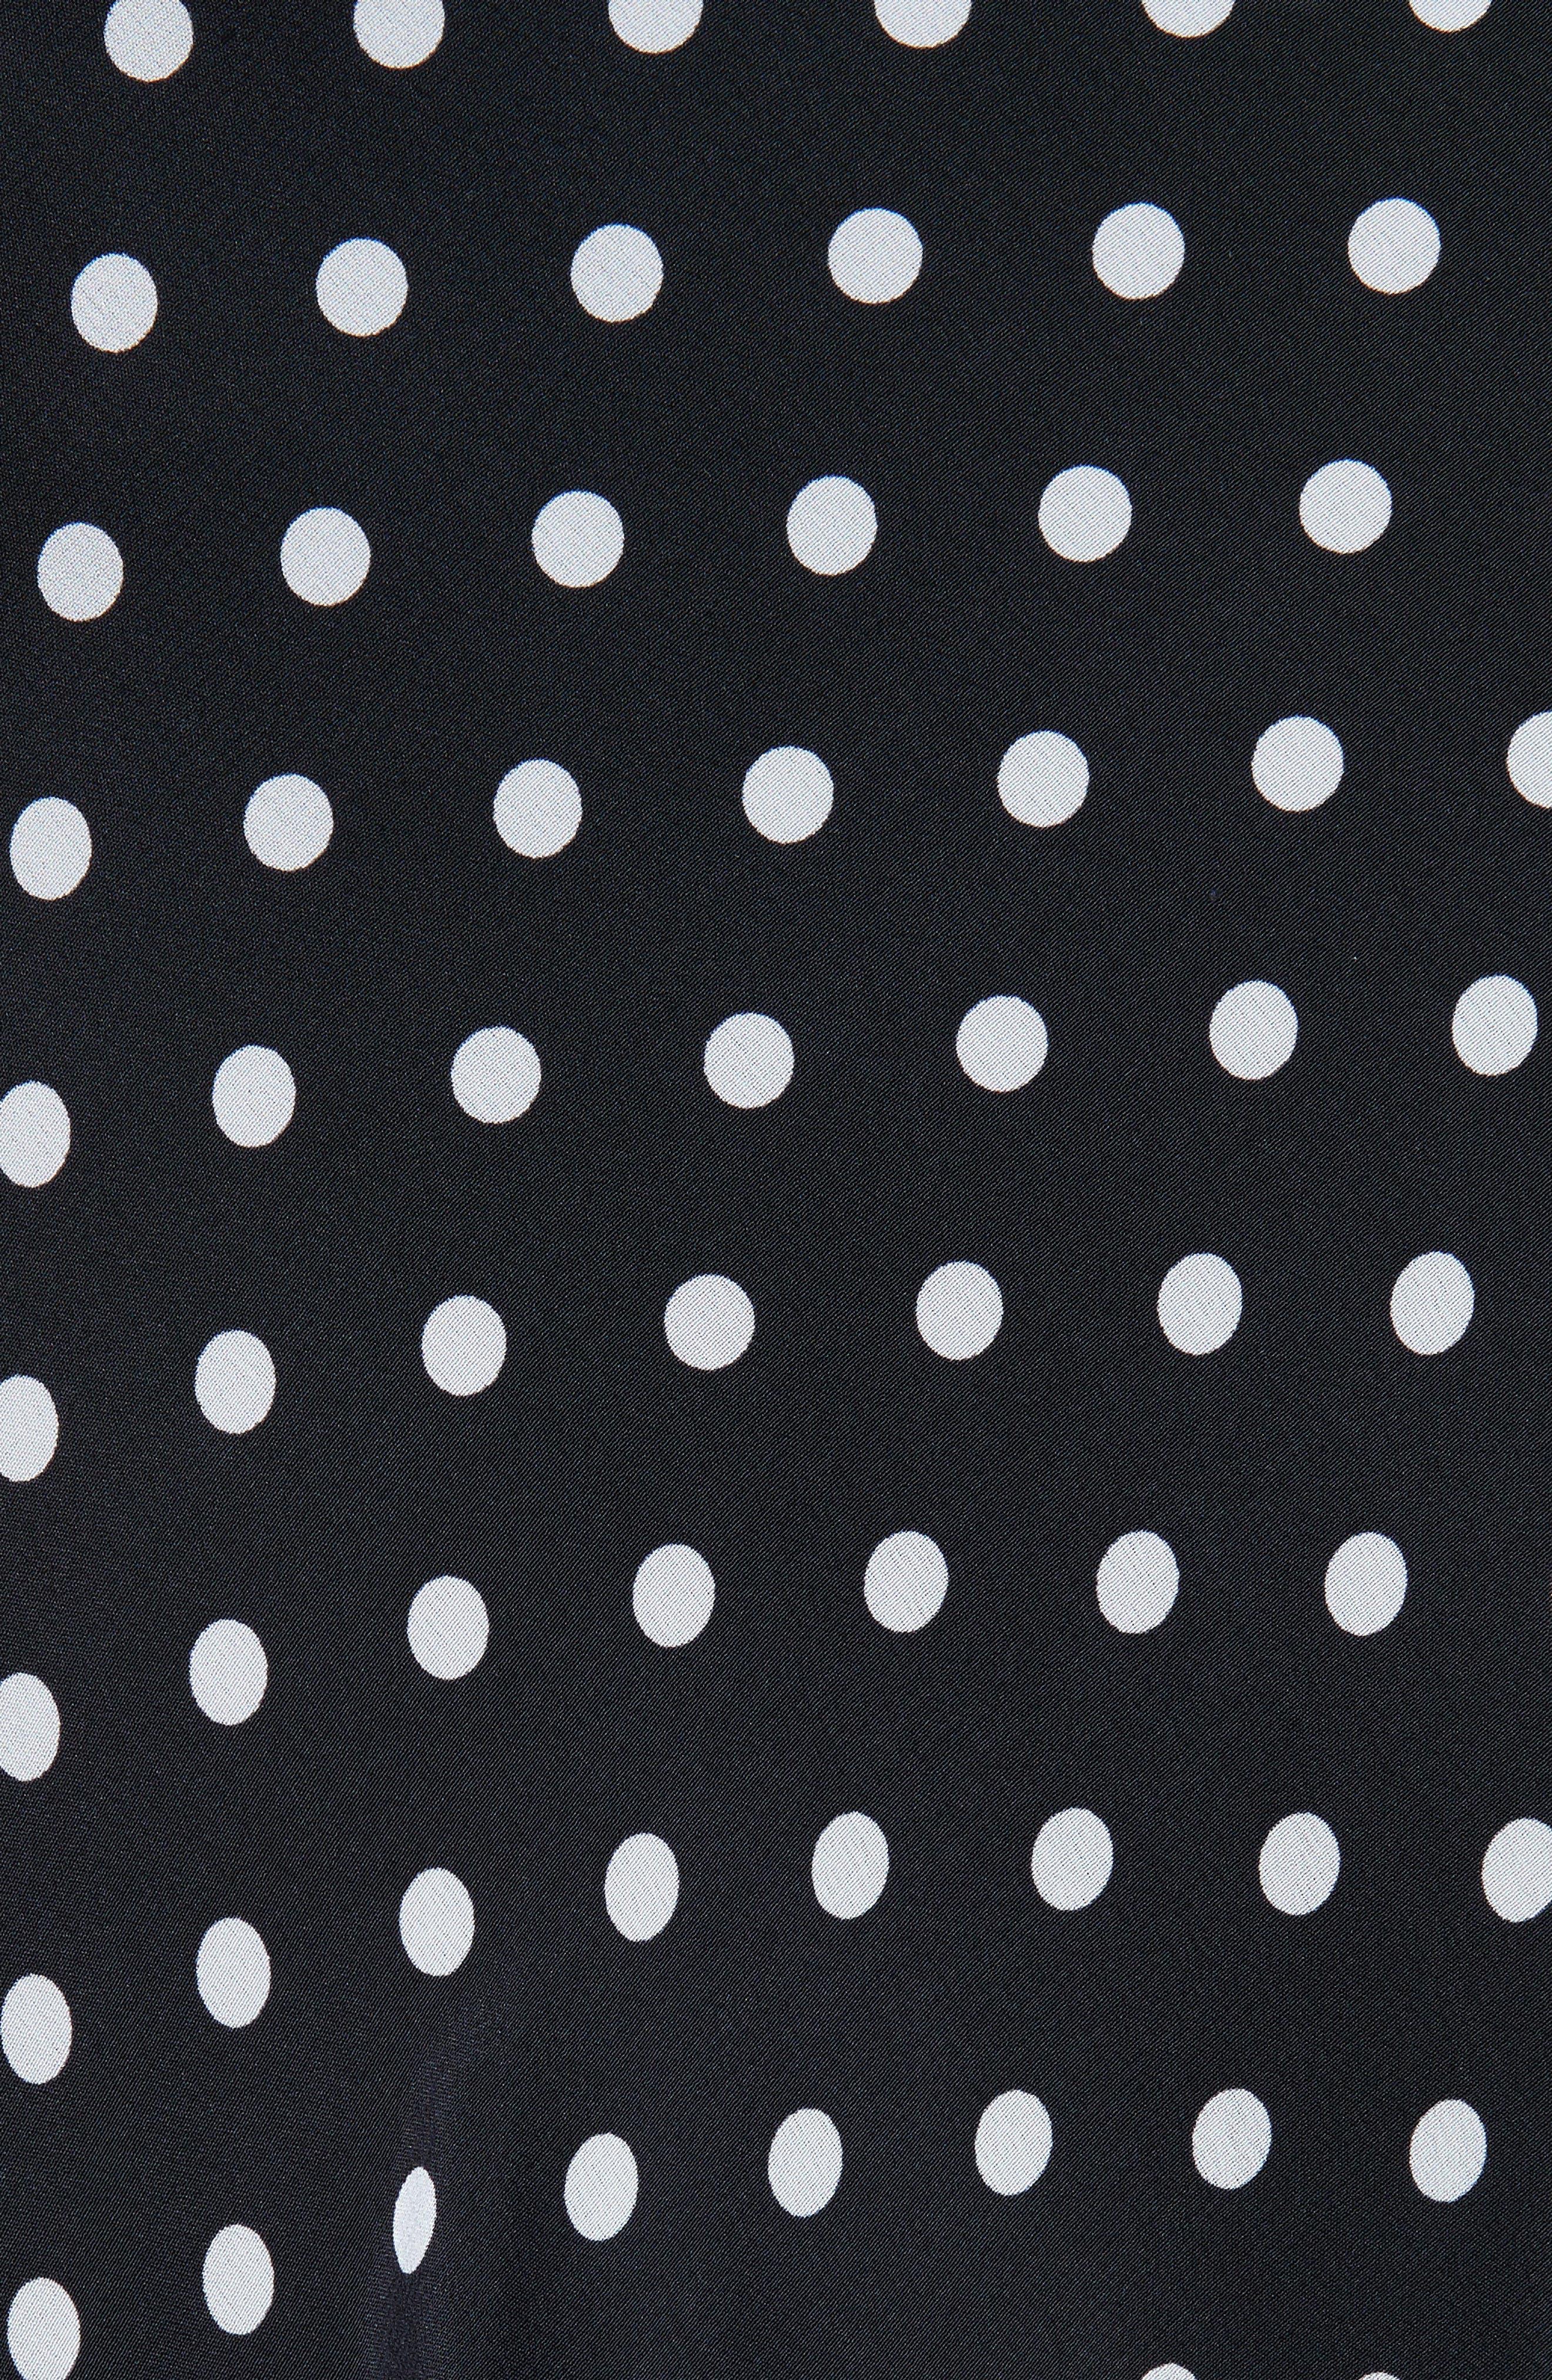 Lace Trim Dot Silk Skirt,                             Alternate thumbnail 5, color,                             NAVY NIGHT PETITE DOT